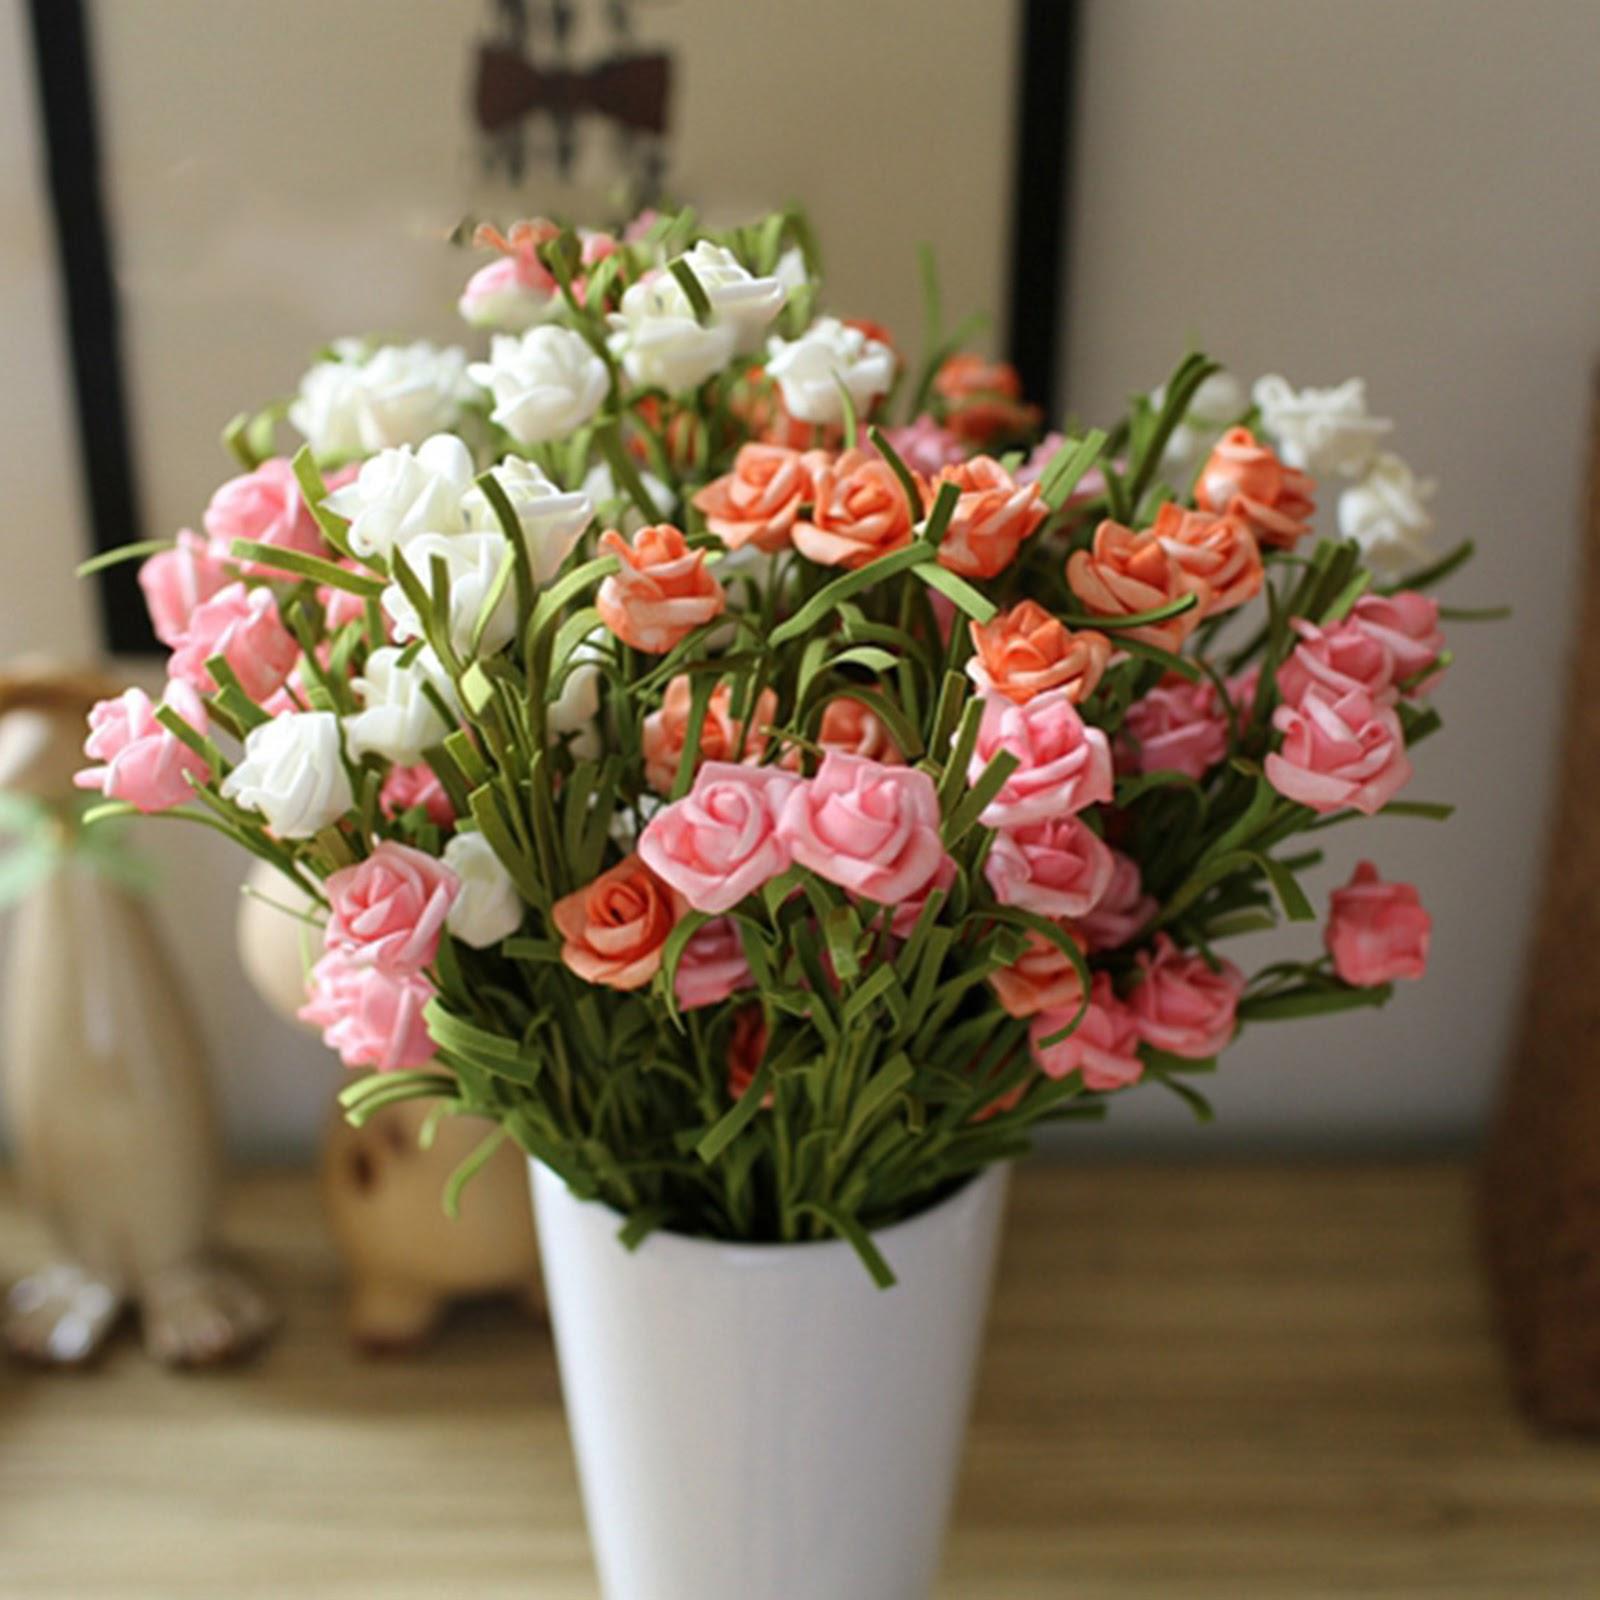 Bunga Hias Dalam Pot Modern